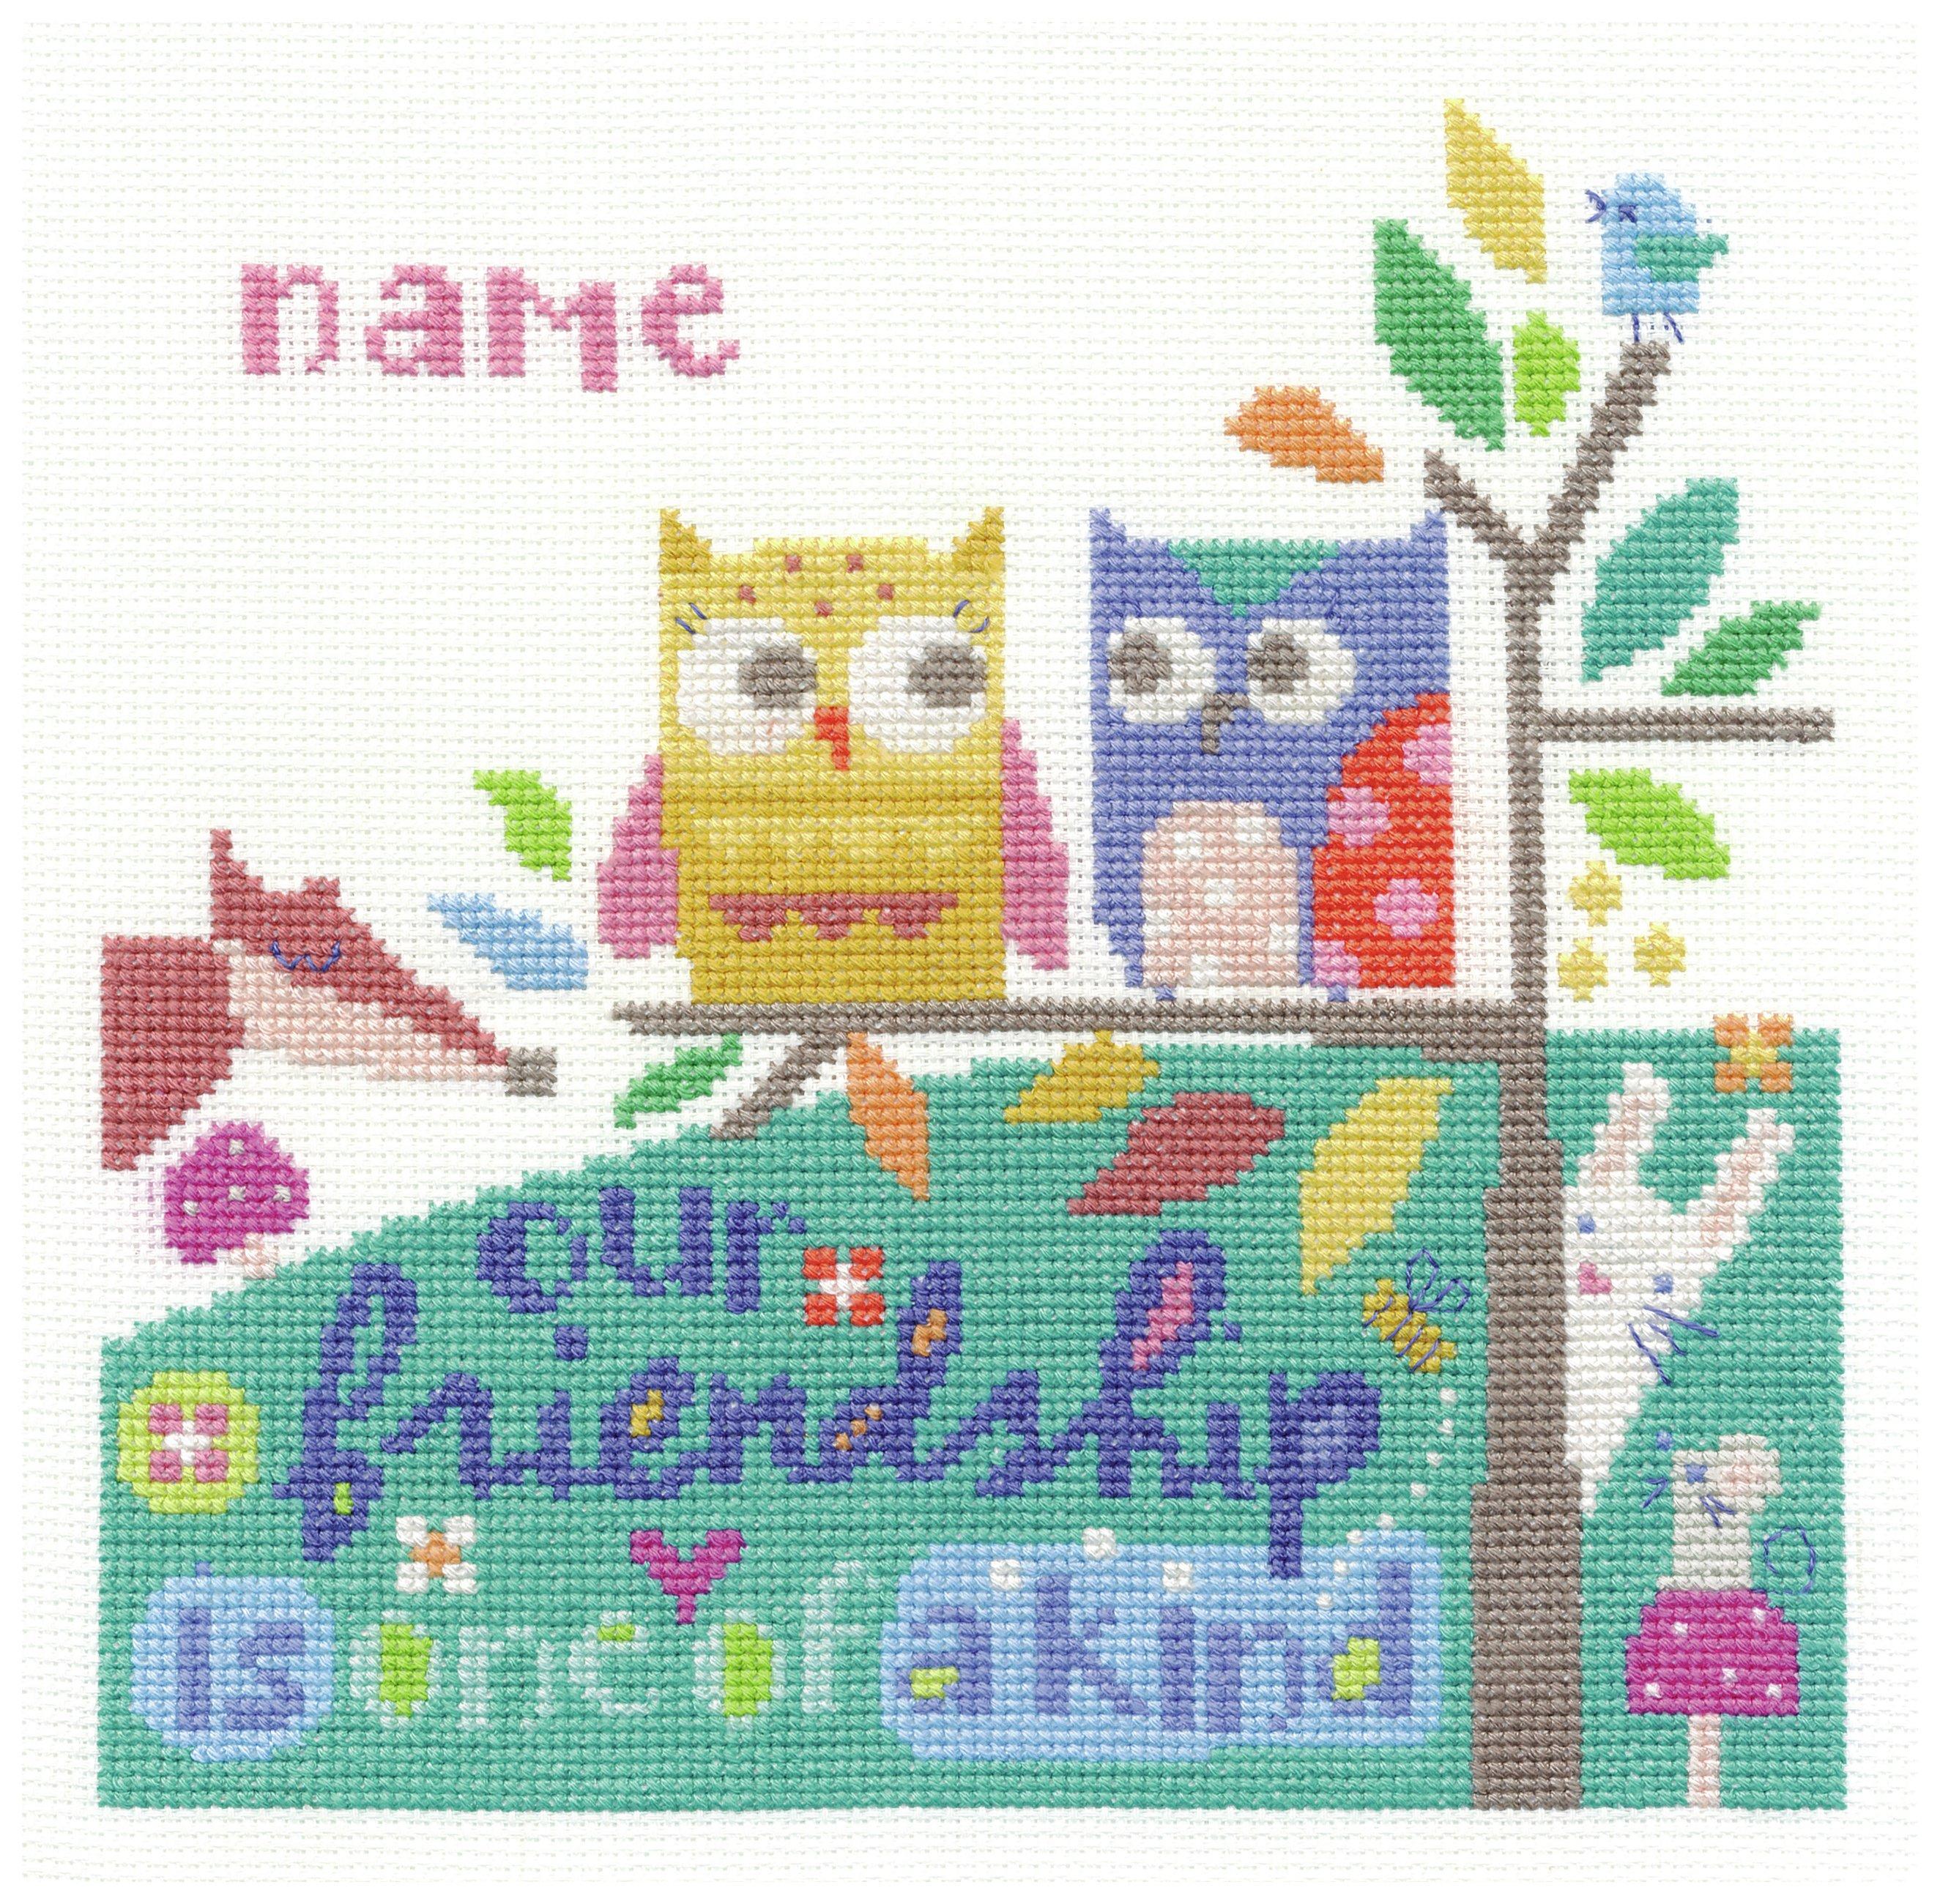 Friendship - Cross Stitch Kit lowest price